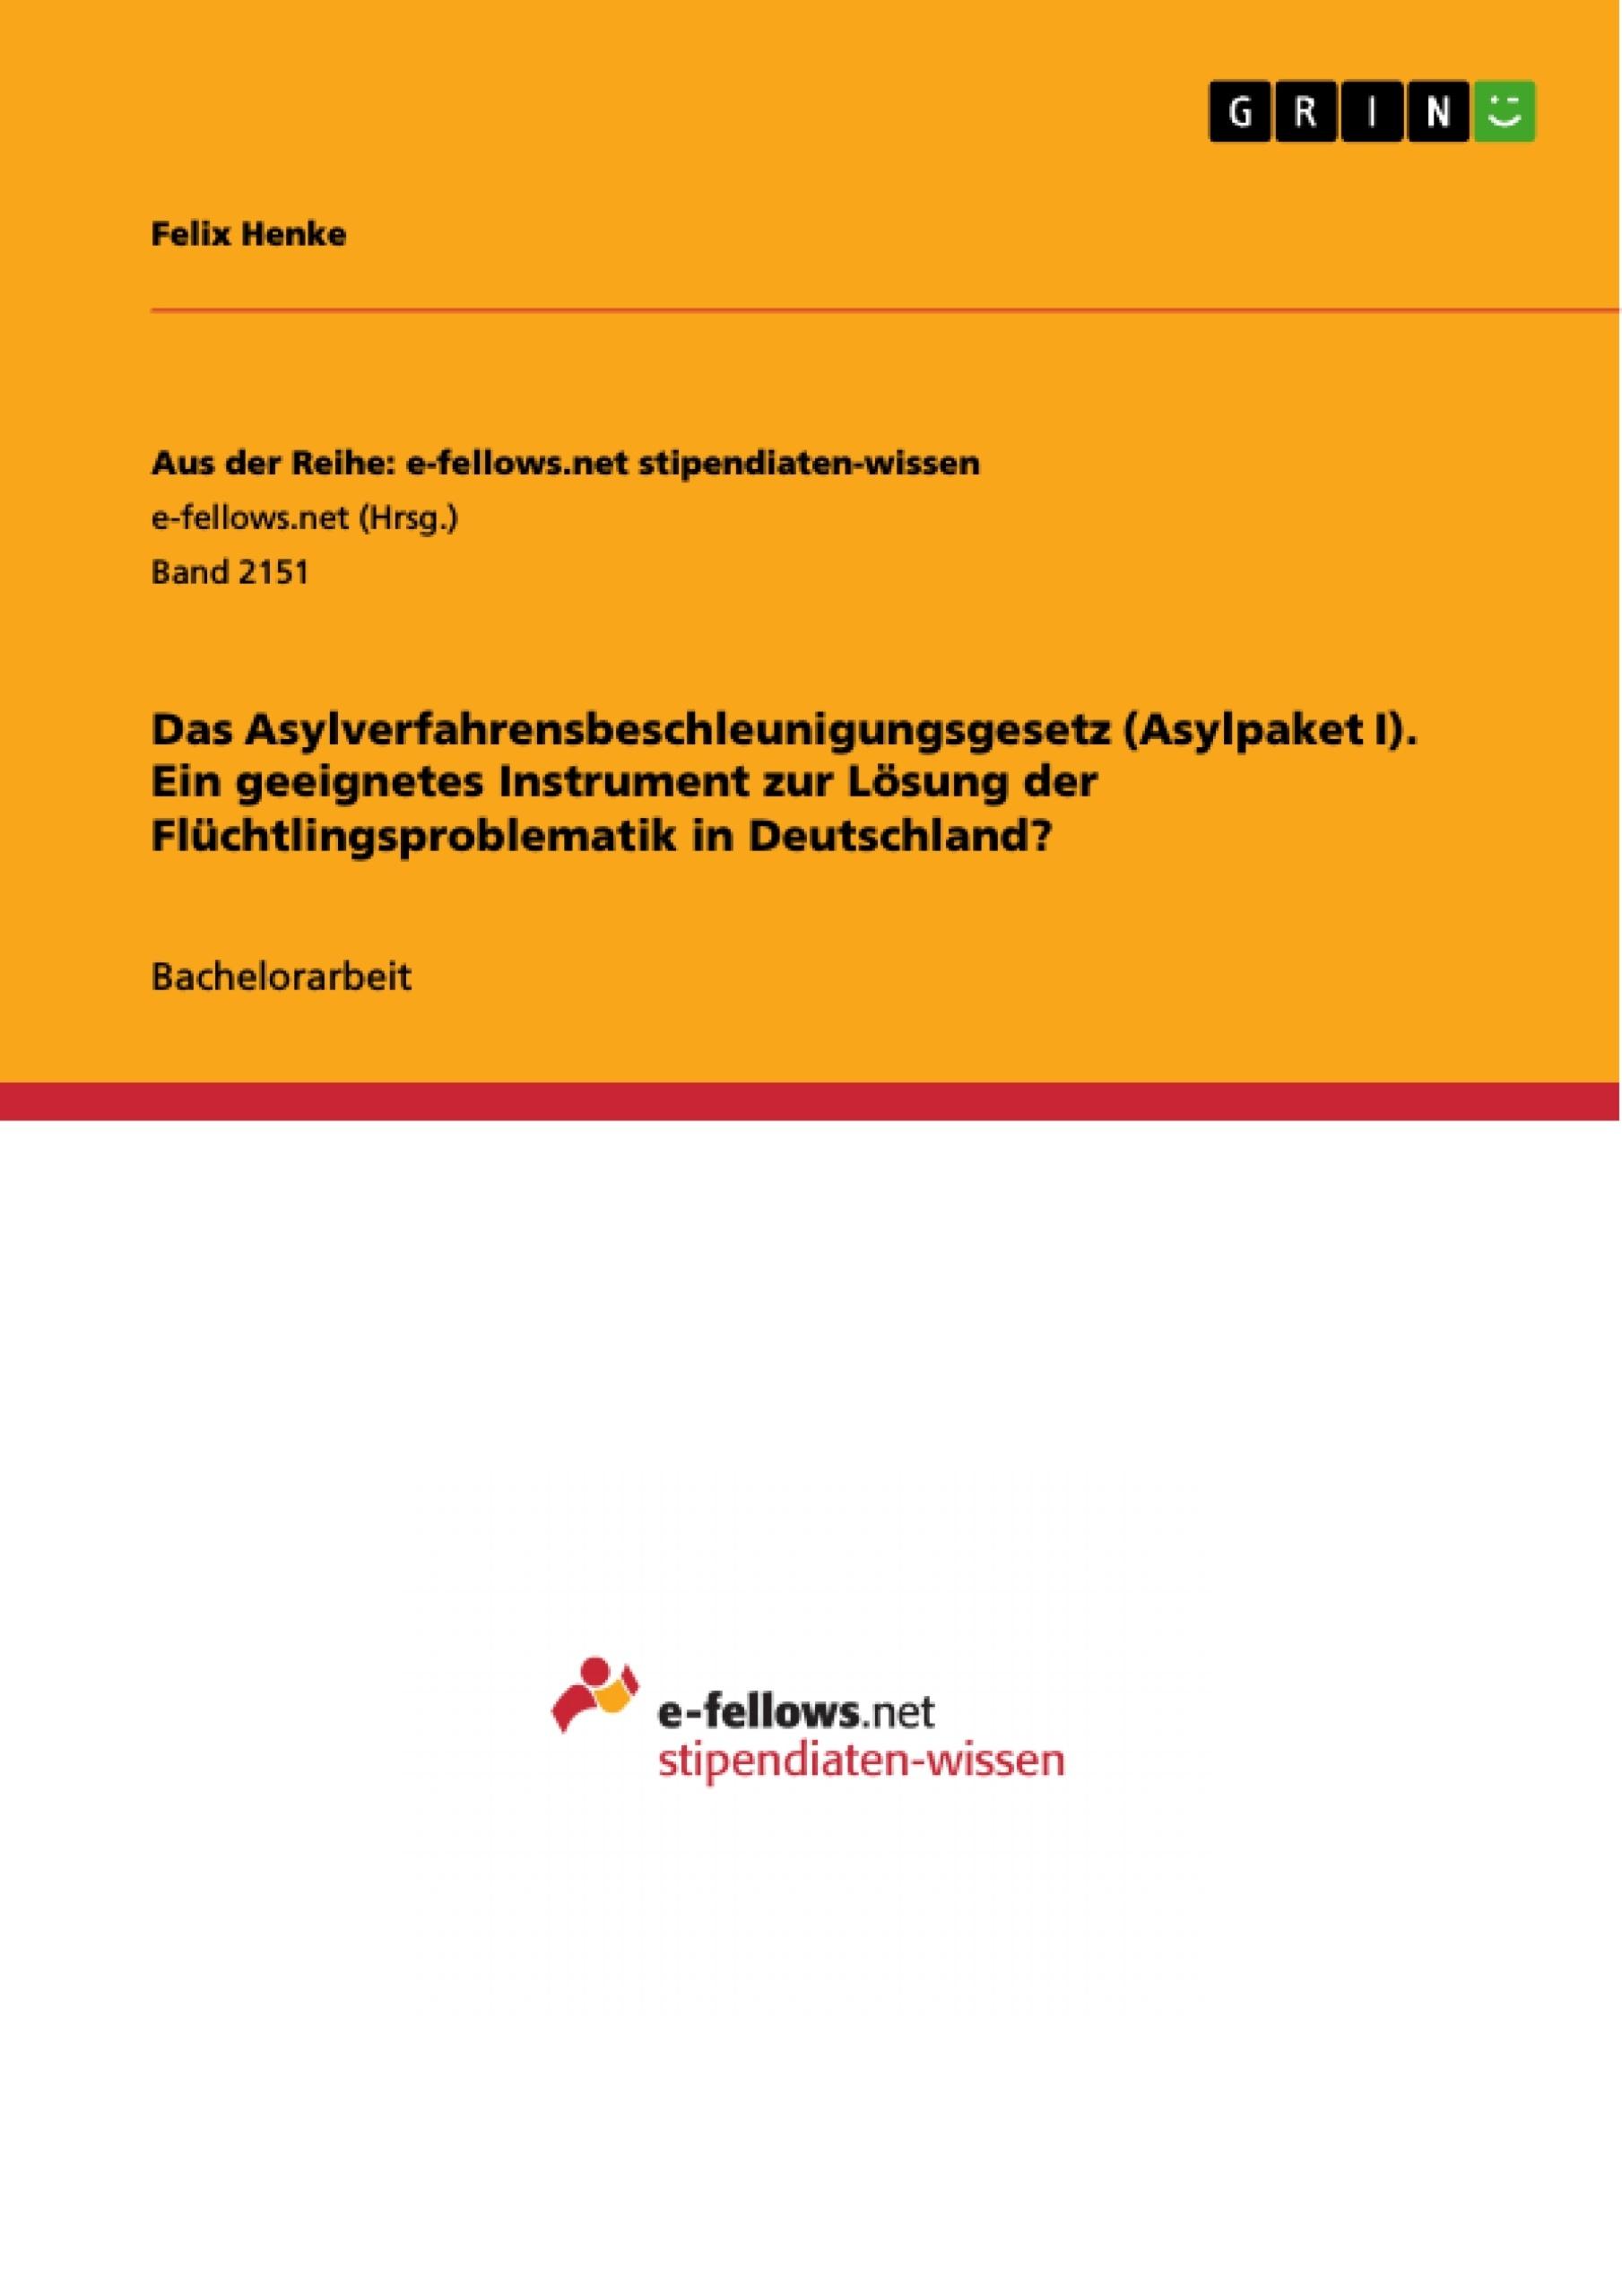 Titel: Das Asylverfahrensbeschleunigungsgesetz (Asylpaket I). Ein geeignetes Instrument zur Lösung der Flüchtlingsproblematik in Deutschland?